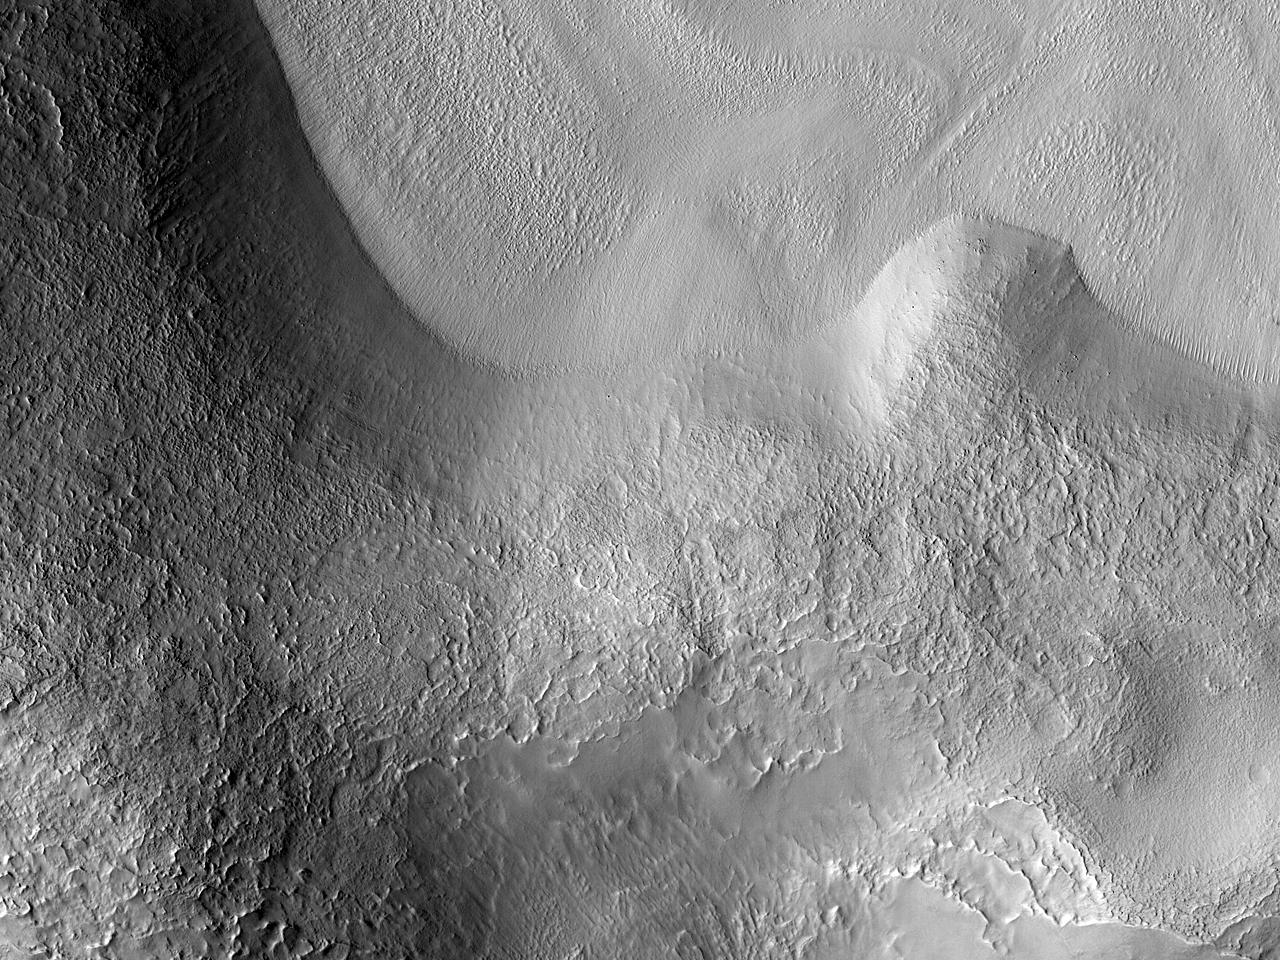 Terreng nær Nilosyrtis Mensae